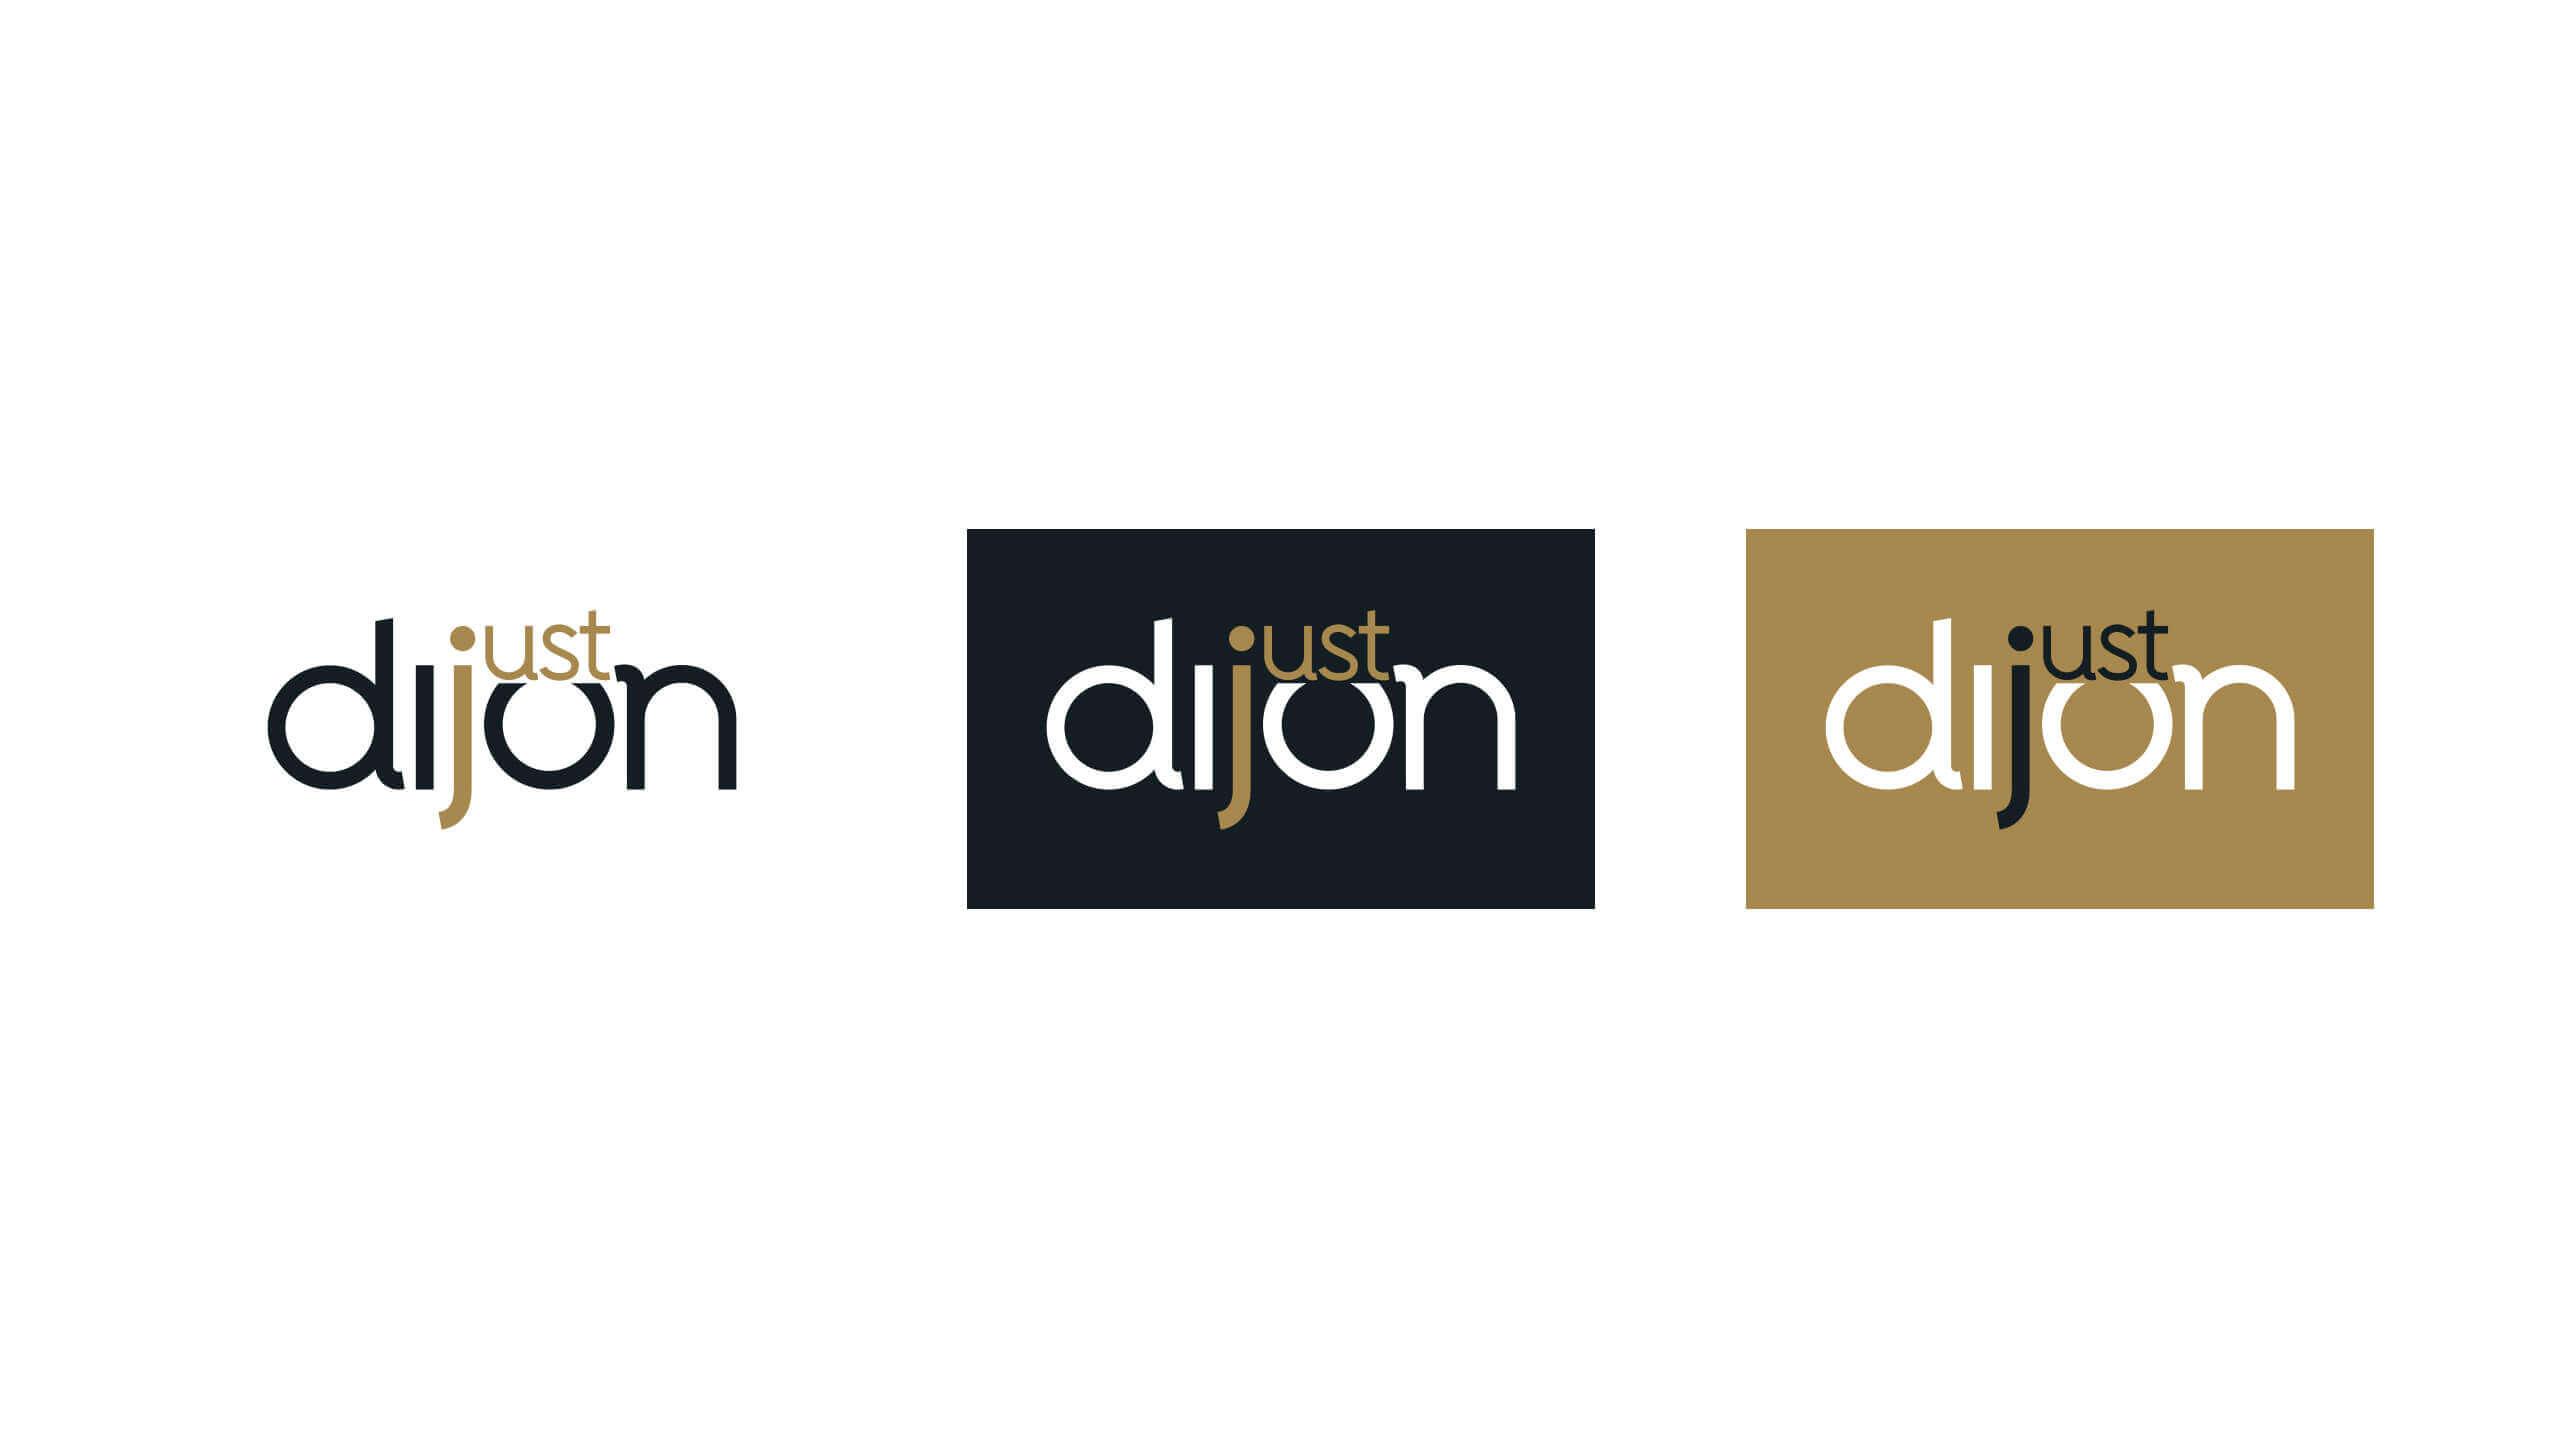 Identité visuelle de la marque territoriale Just Dijon